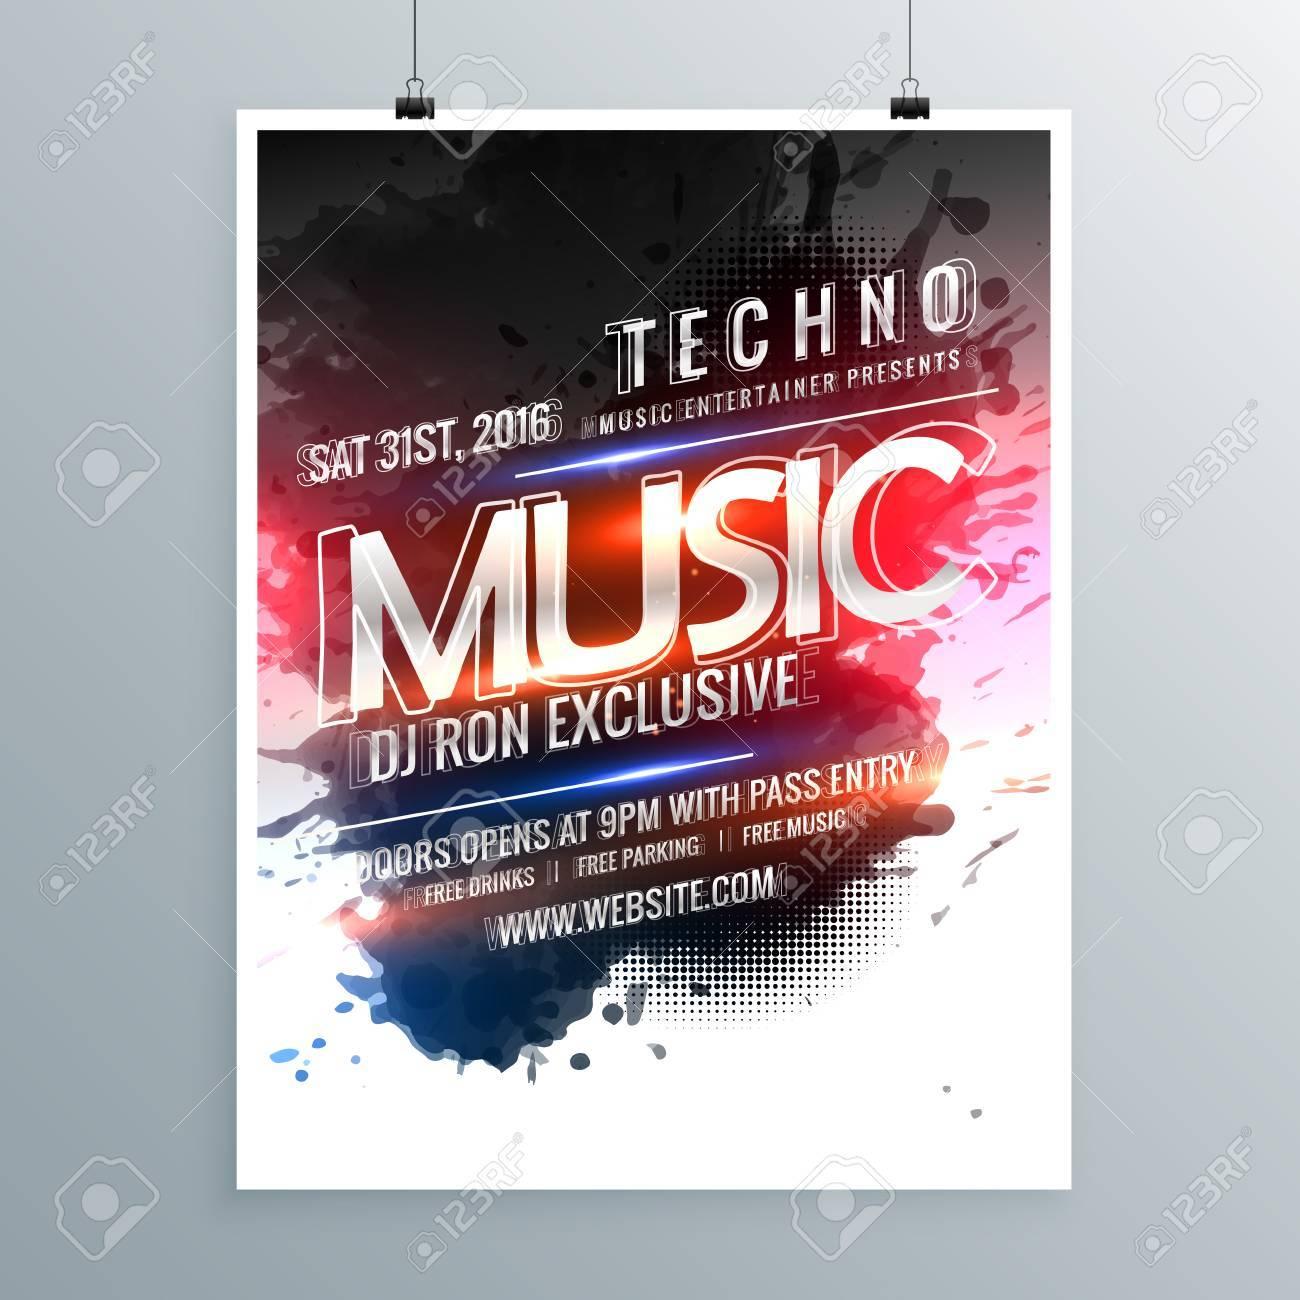 b5d00e090b5ed Foto de archivo - Plantilla de cartel de flyer promocional de fiesta de  música